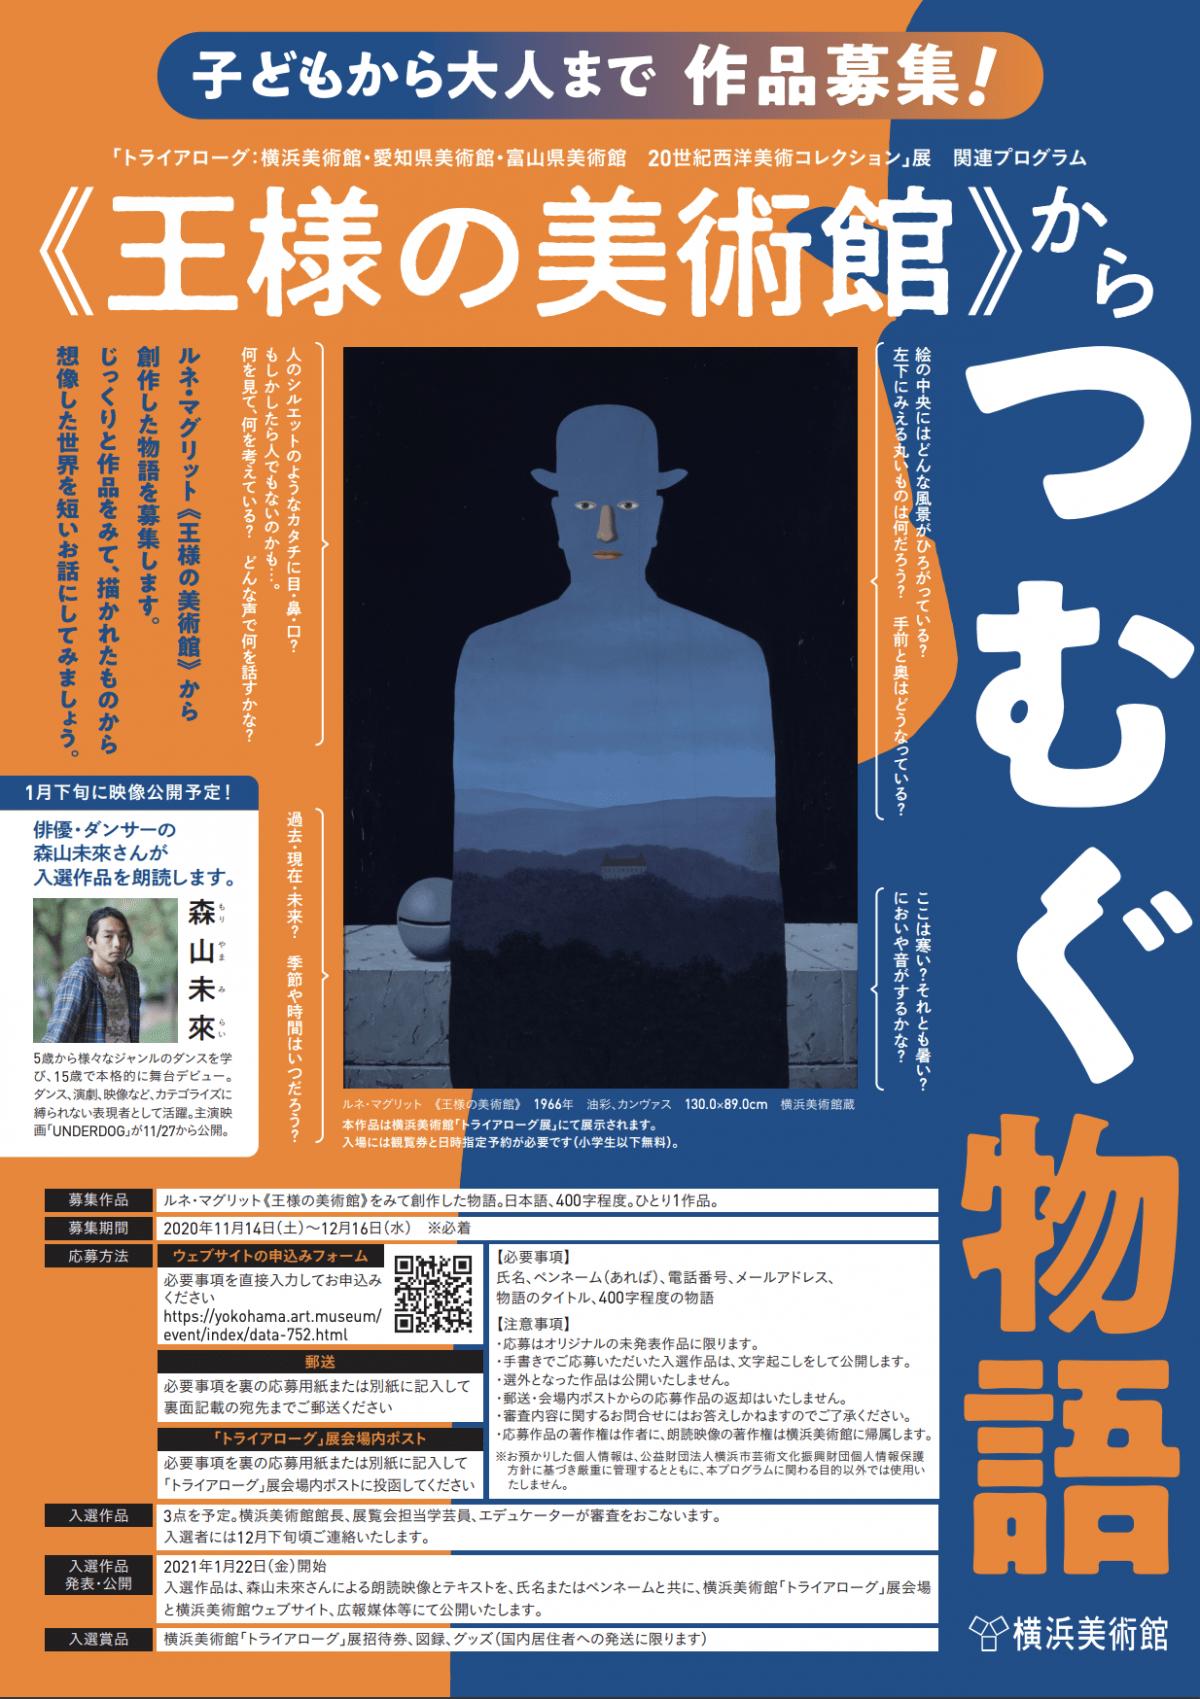 予約 横浜 美術館